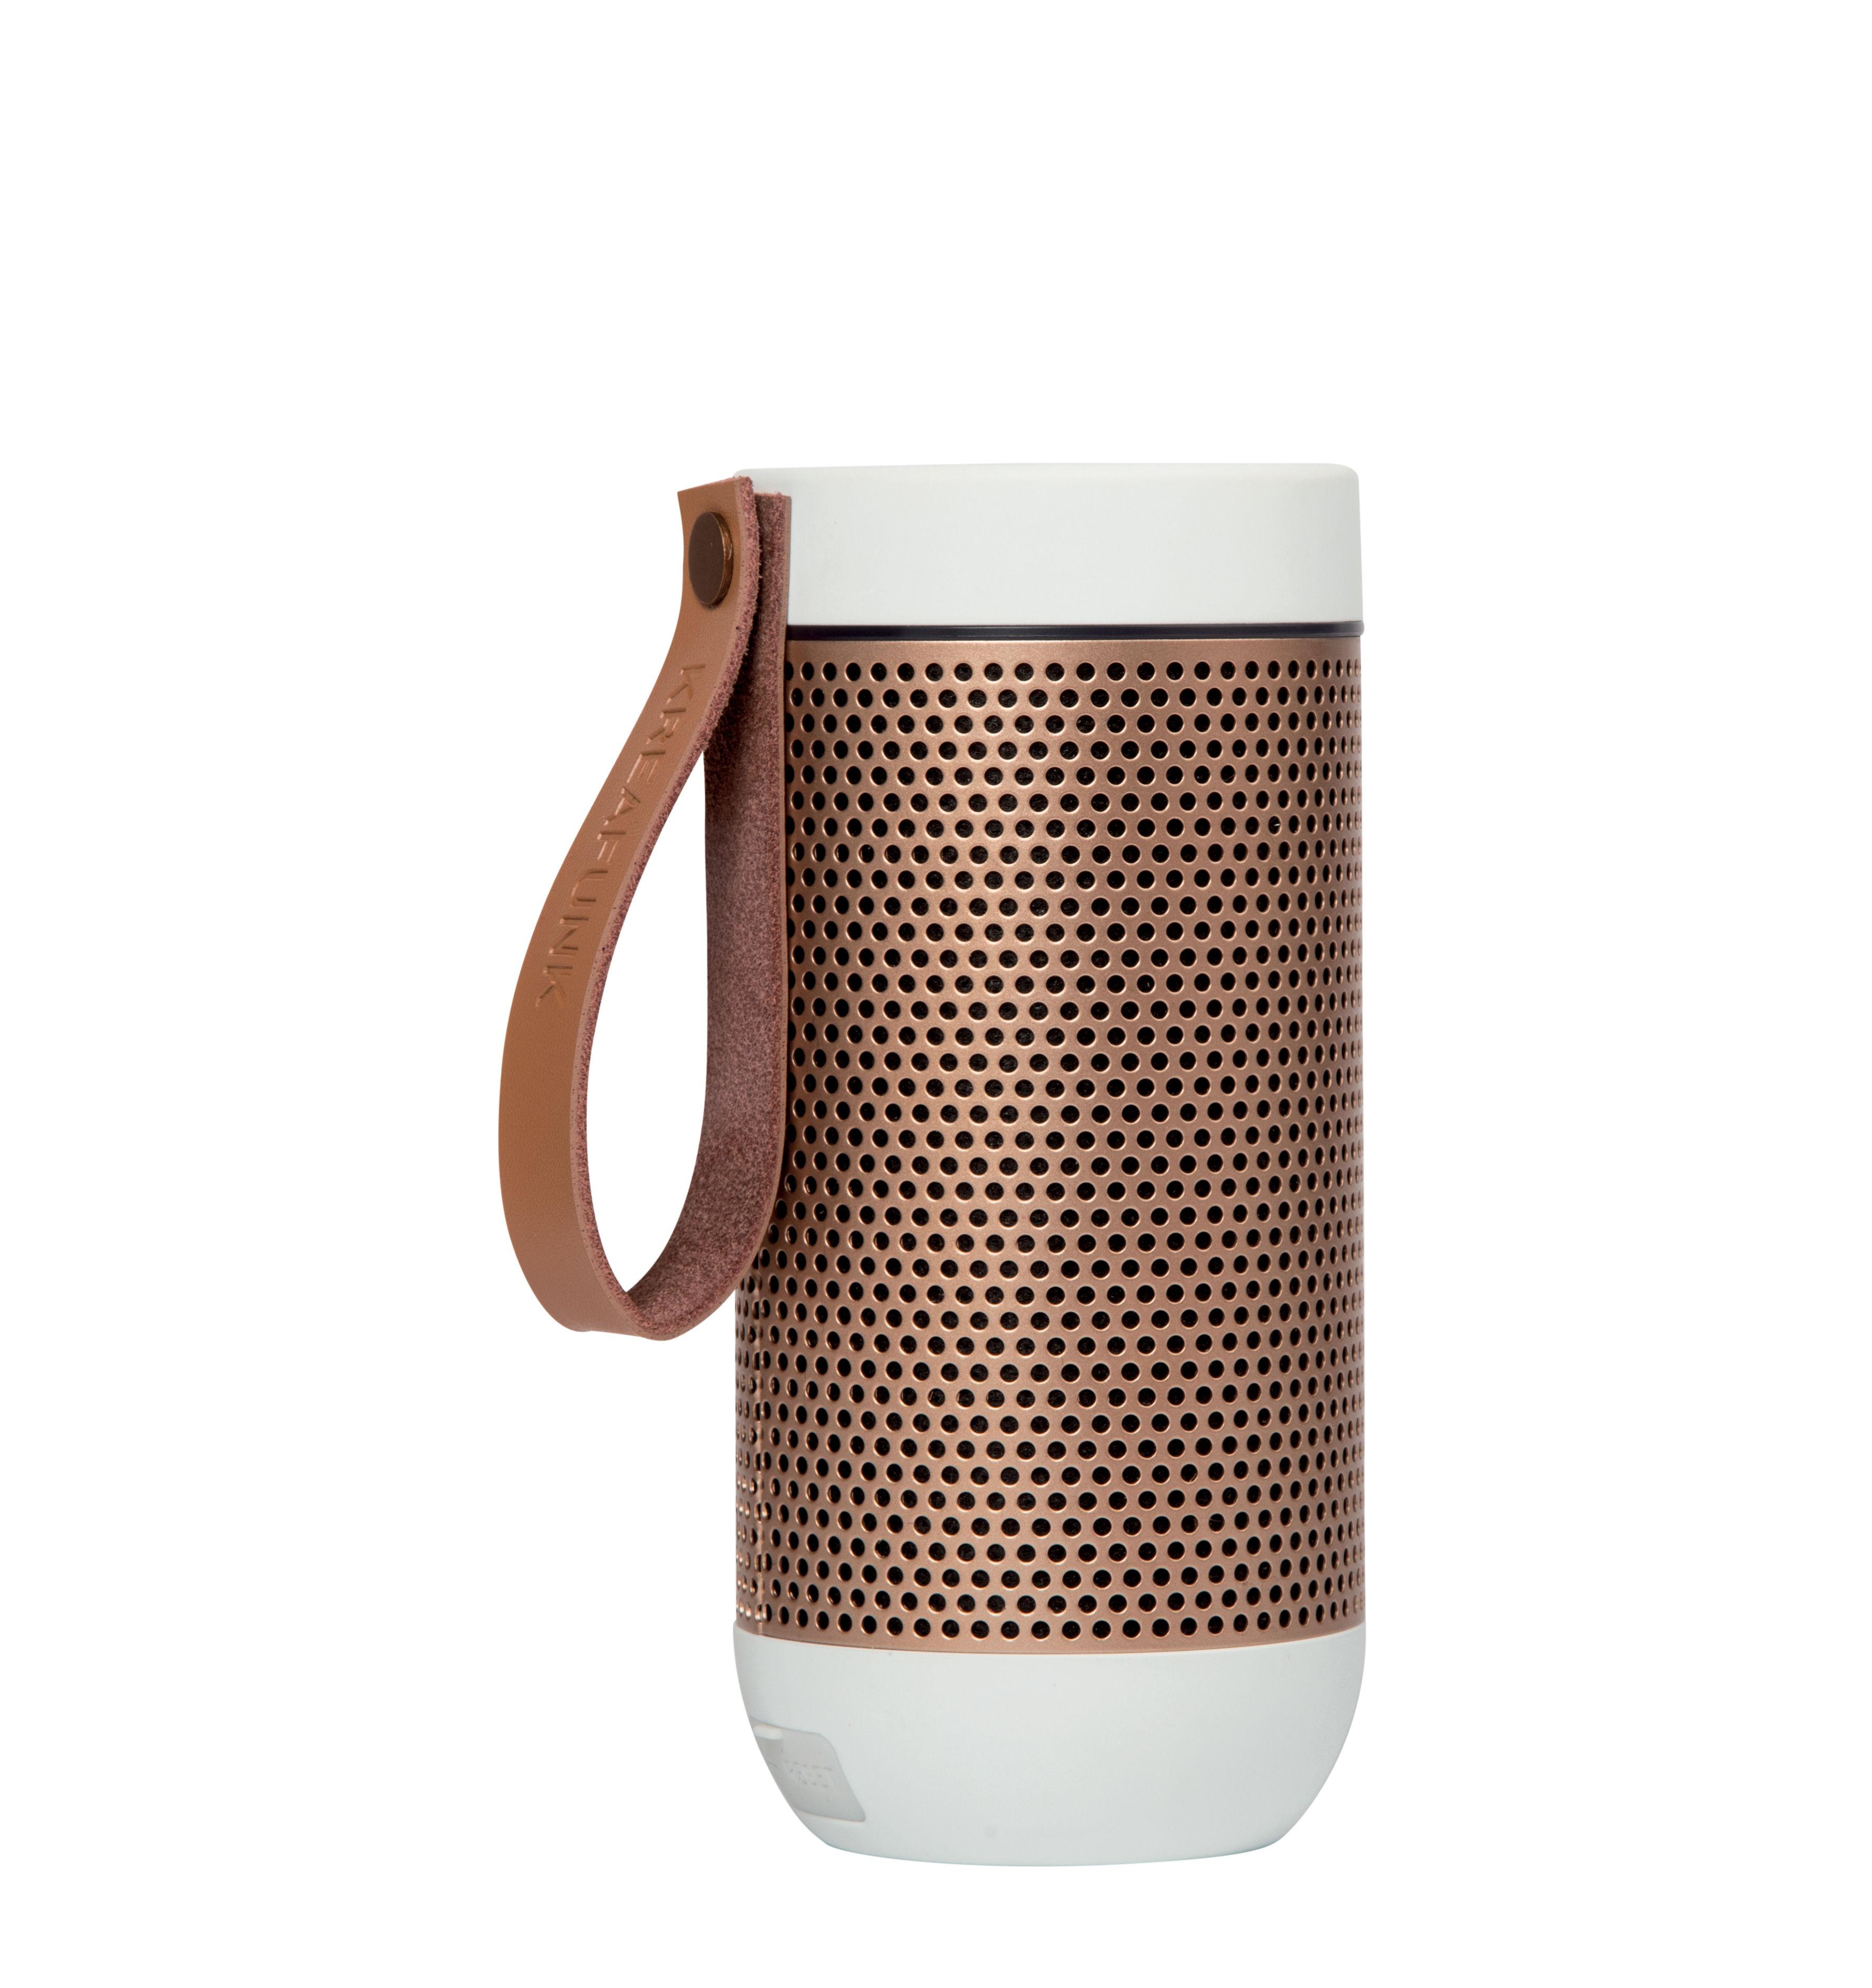 Valentinstag - Valentinstag: Unsere Geschenkideen für Ihn - aFUNK Bluetooth-Lautsprecher / kabellos, tragbar - Kreafunk - Weiß / rotgold - Aluminium, Leder, Plastikmaterial